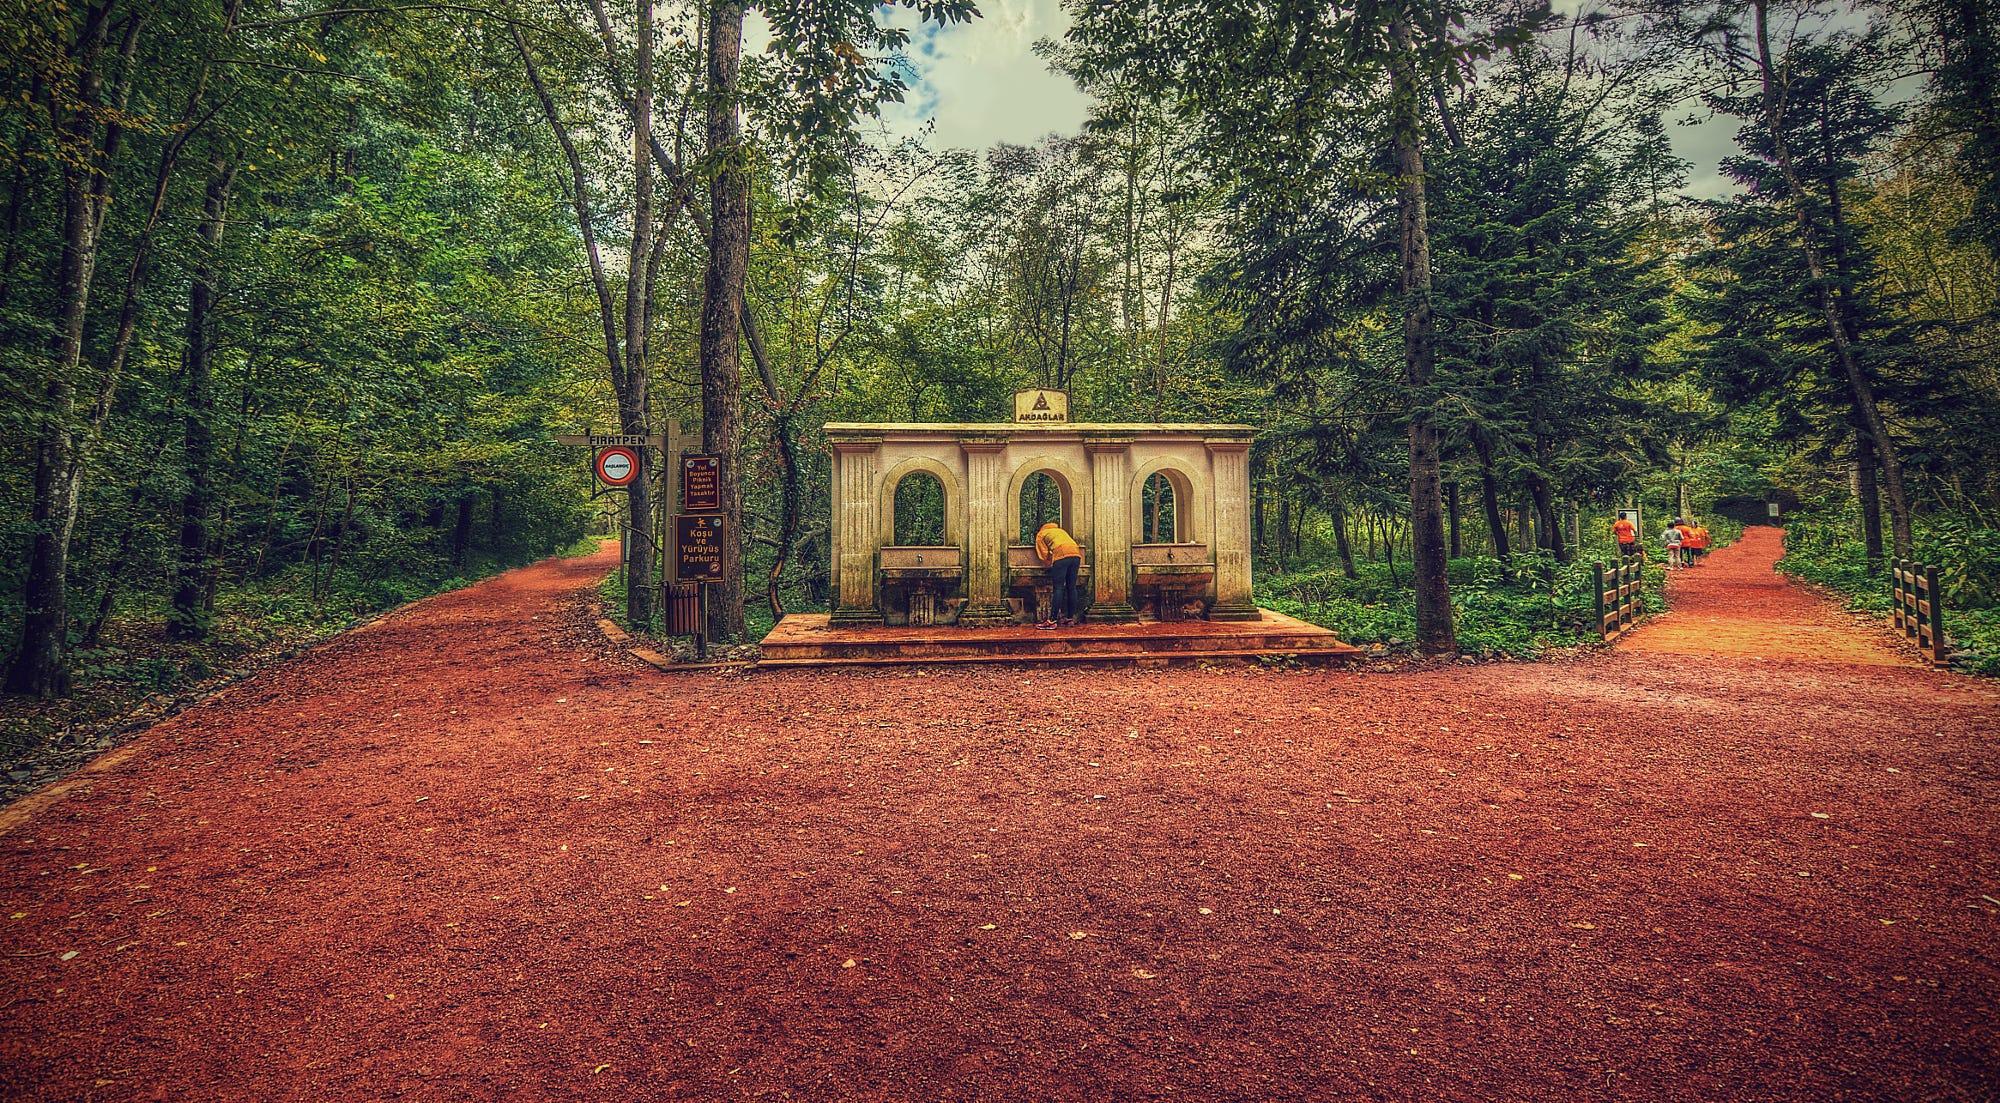 صور غابات بلغرد